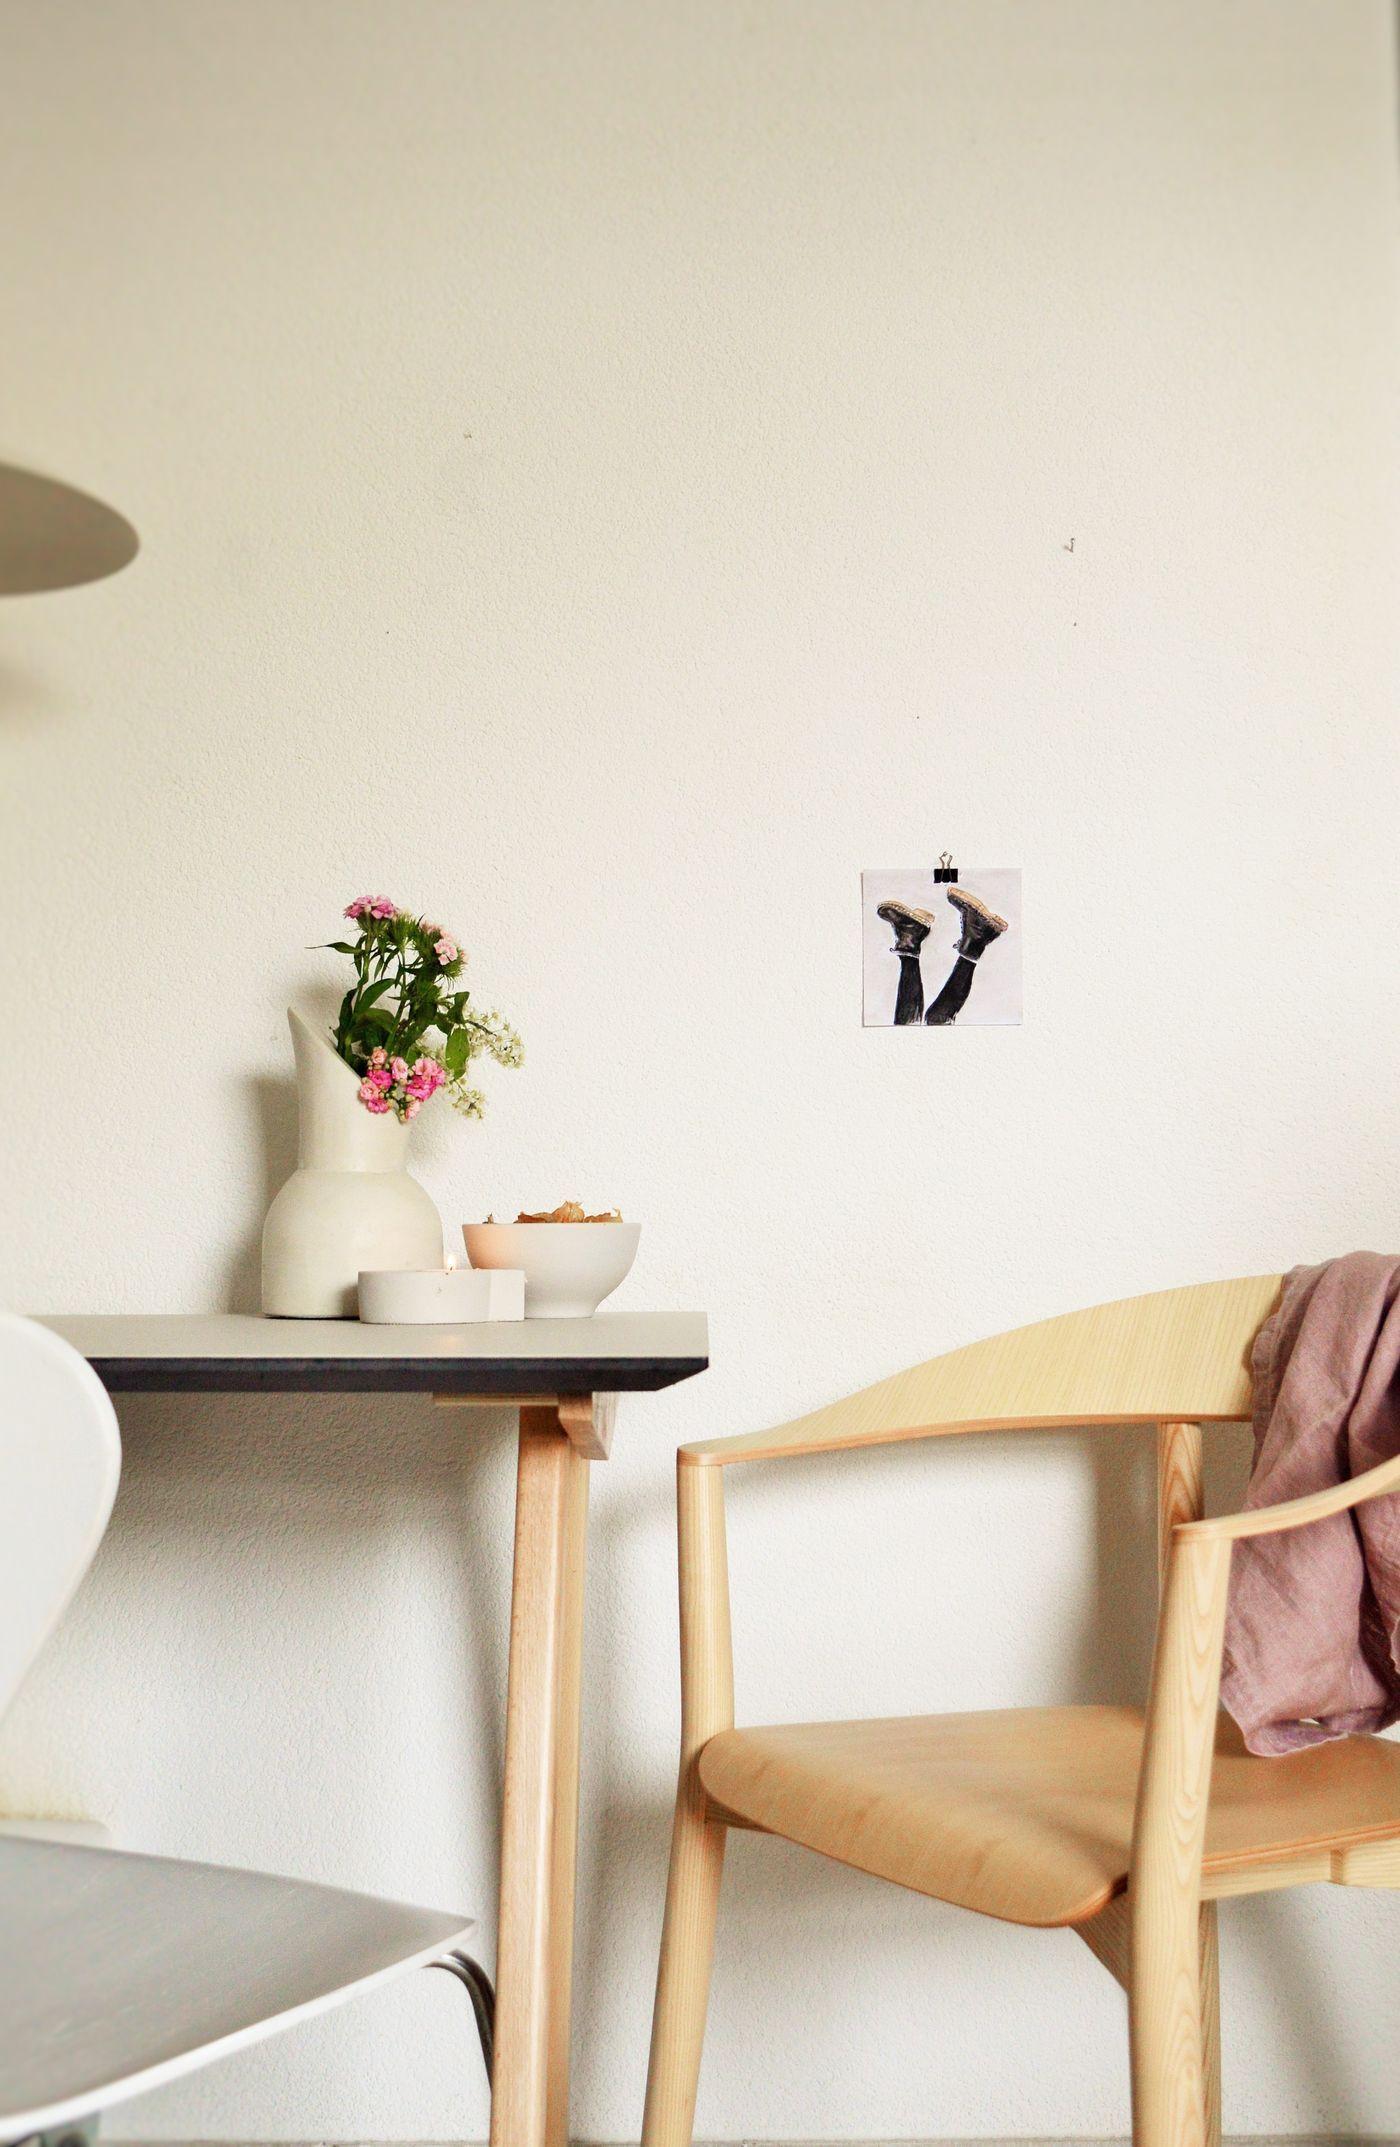 platzsparend ideen sessel de, küchenstühle - schöne bilder und tolle ideen!, Innenarchitektur